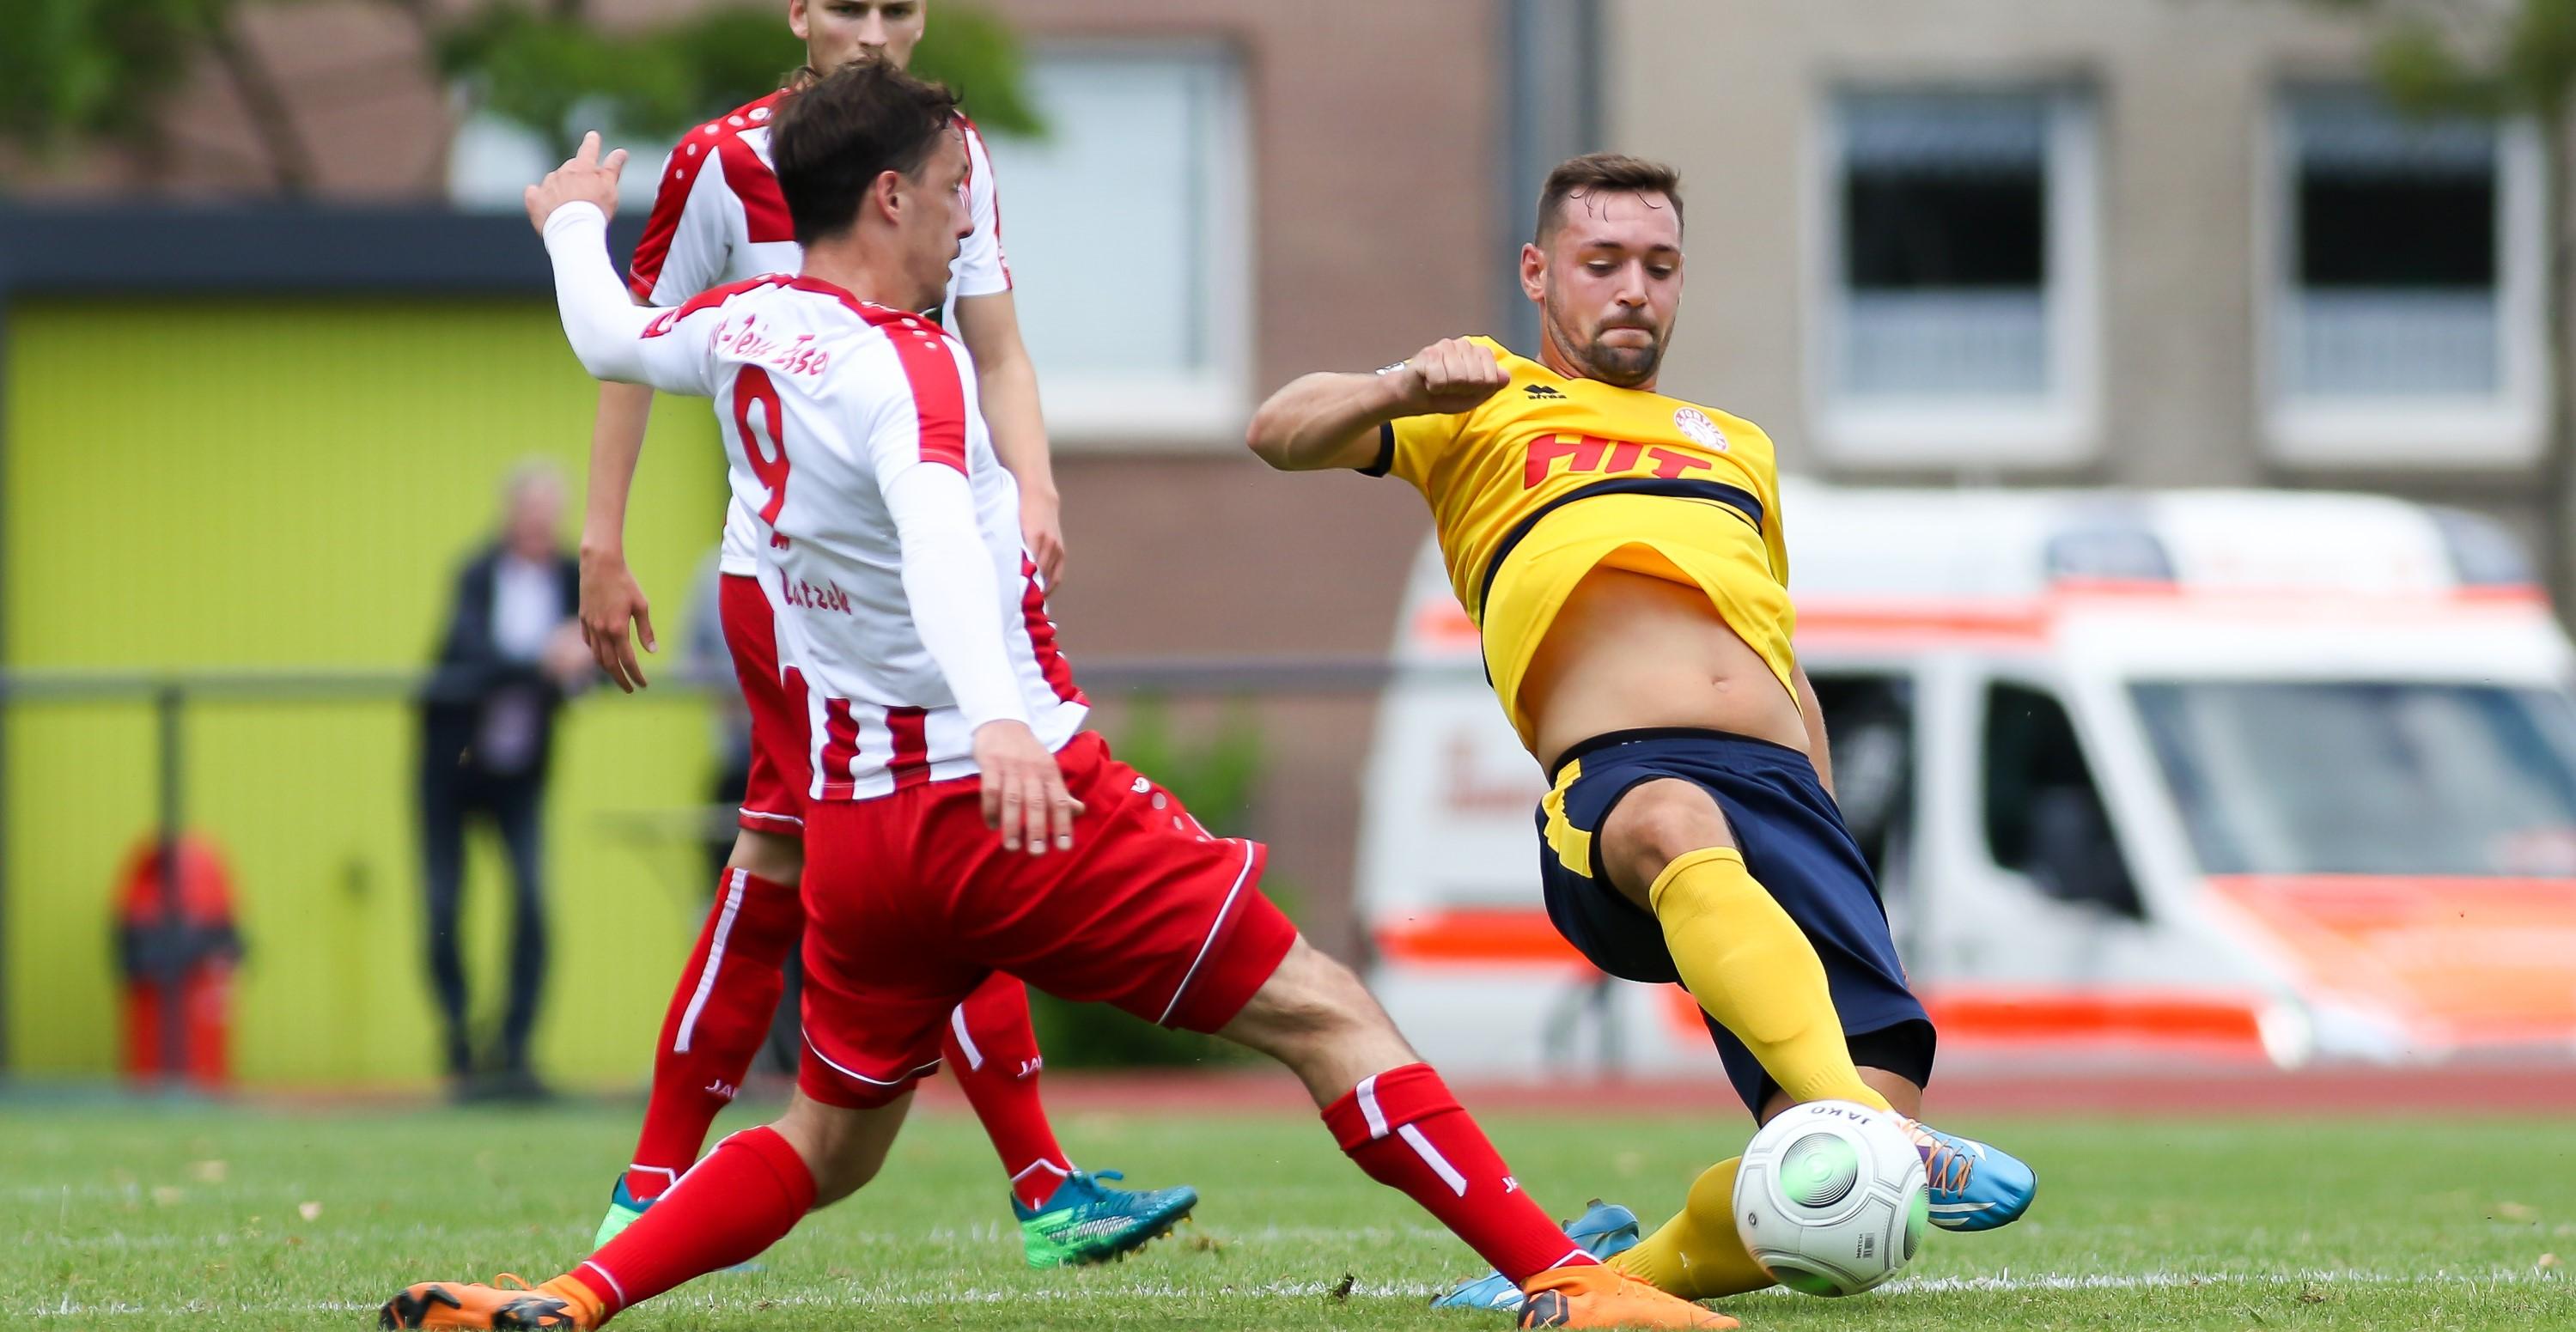 Das erste Testspiel der WIntervorbereitung absolvieren die Rot-Weissen gegen Drittligist Fortuna Köln. (Foto: Endberg)